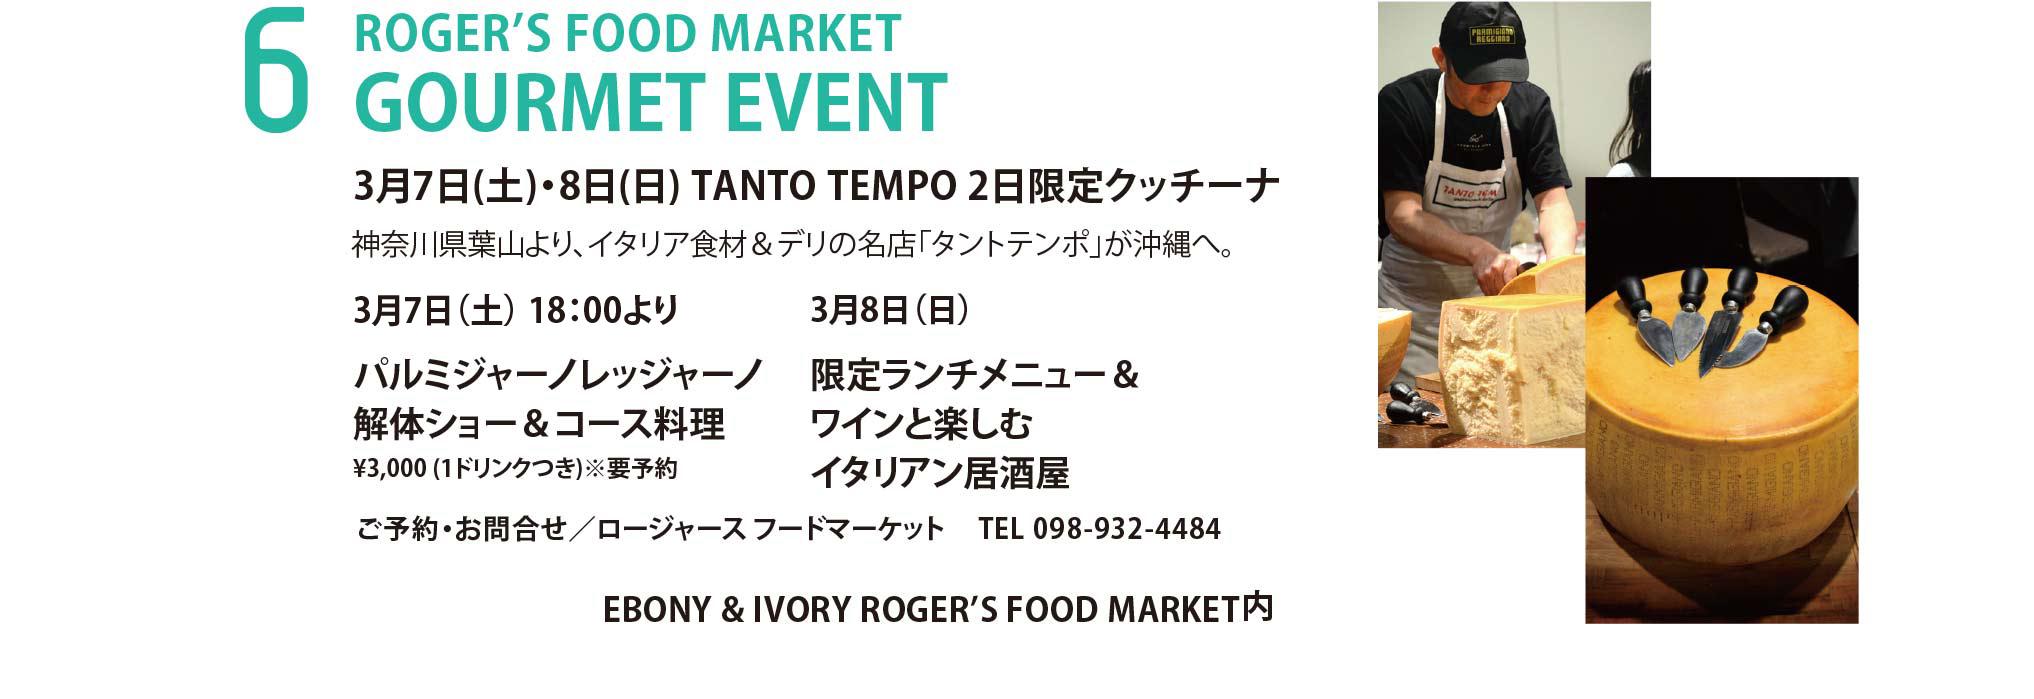 GOURMET EVENT 3/7-8 TANTO TEMPO 2日限定クッチーナ